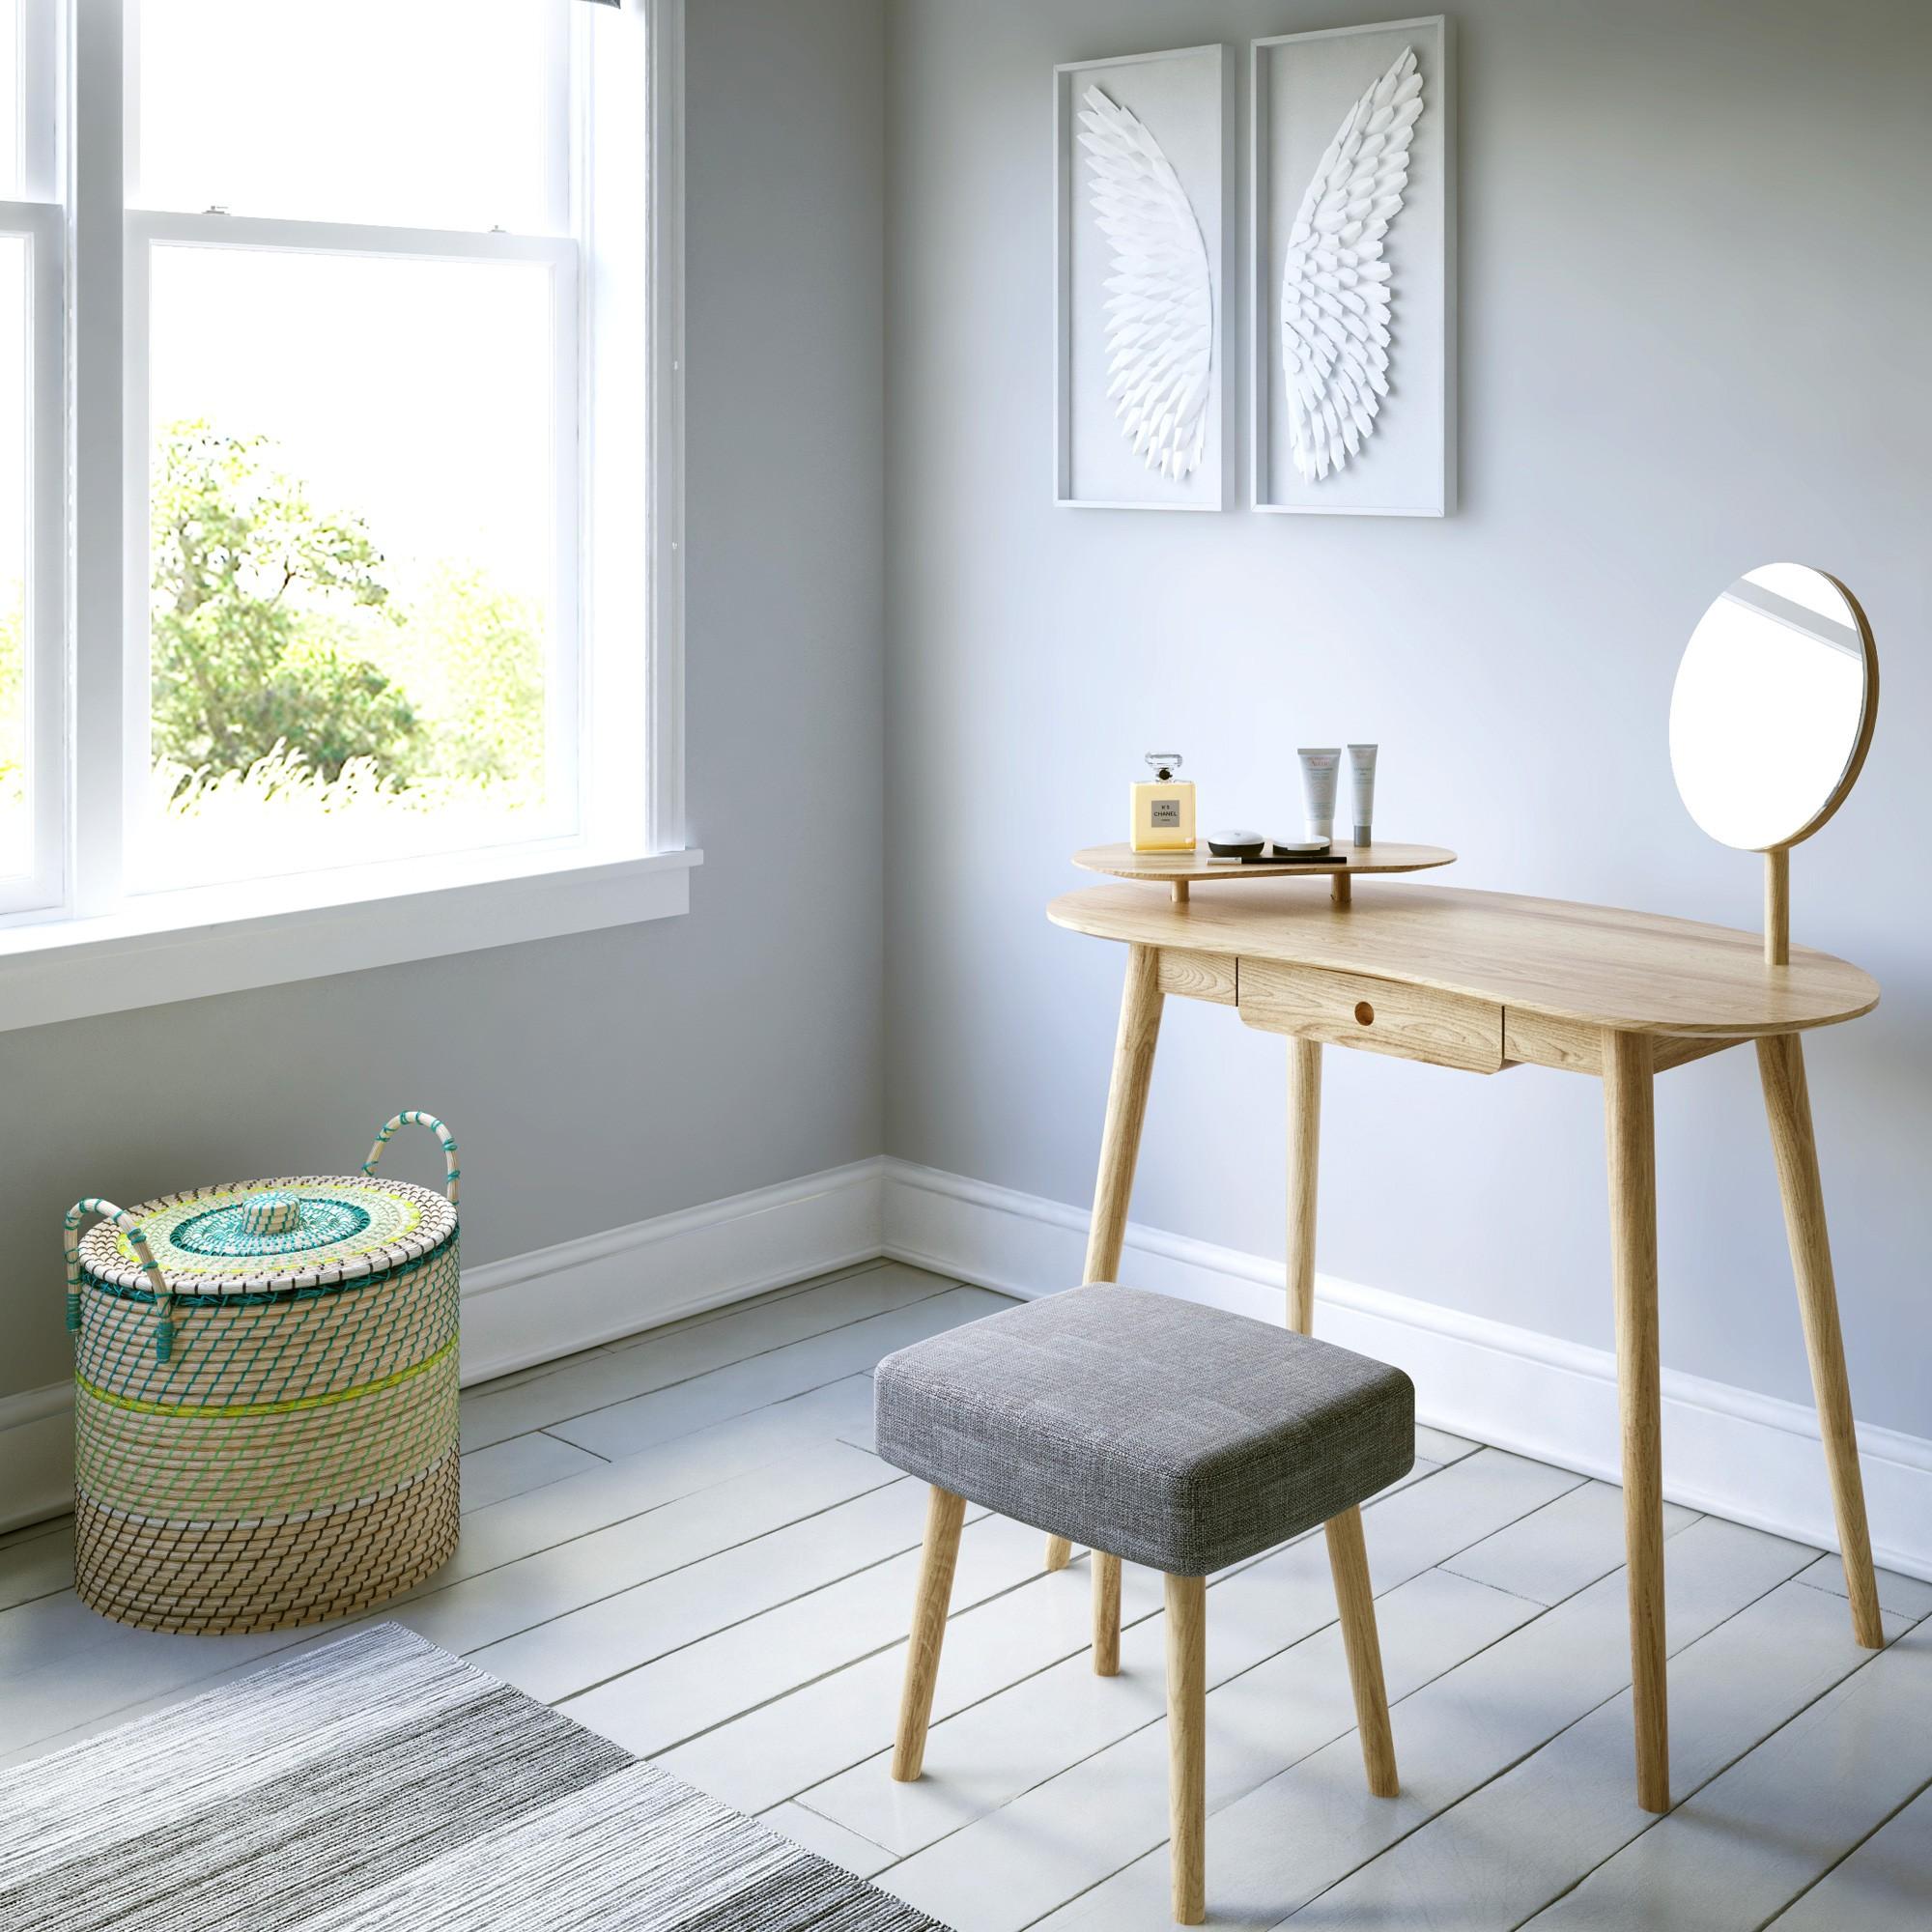 acheter coiffeuse design bois clair